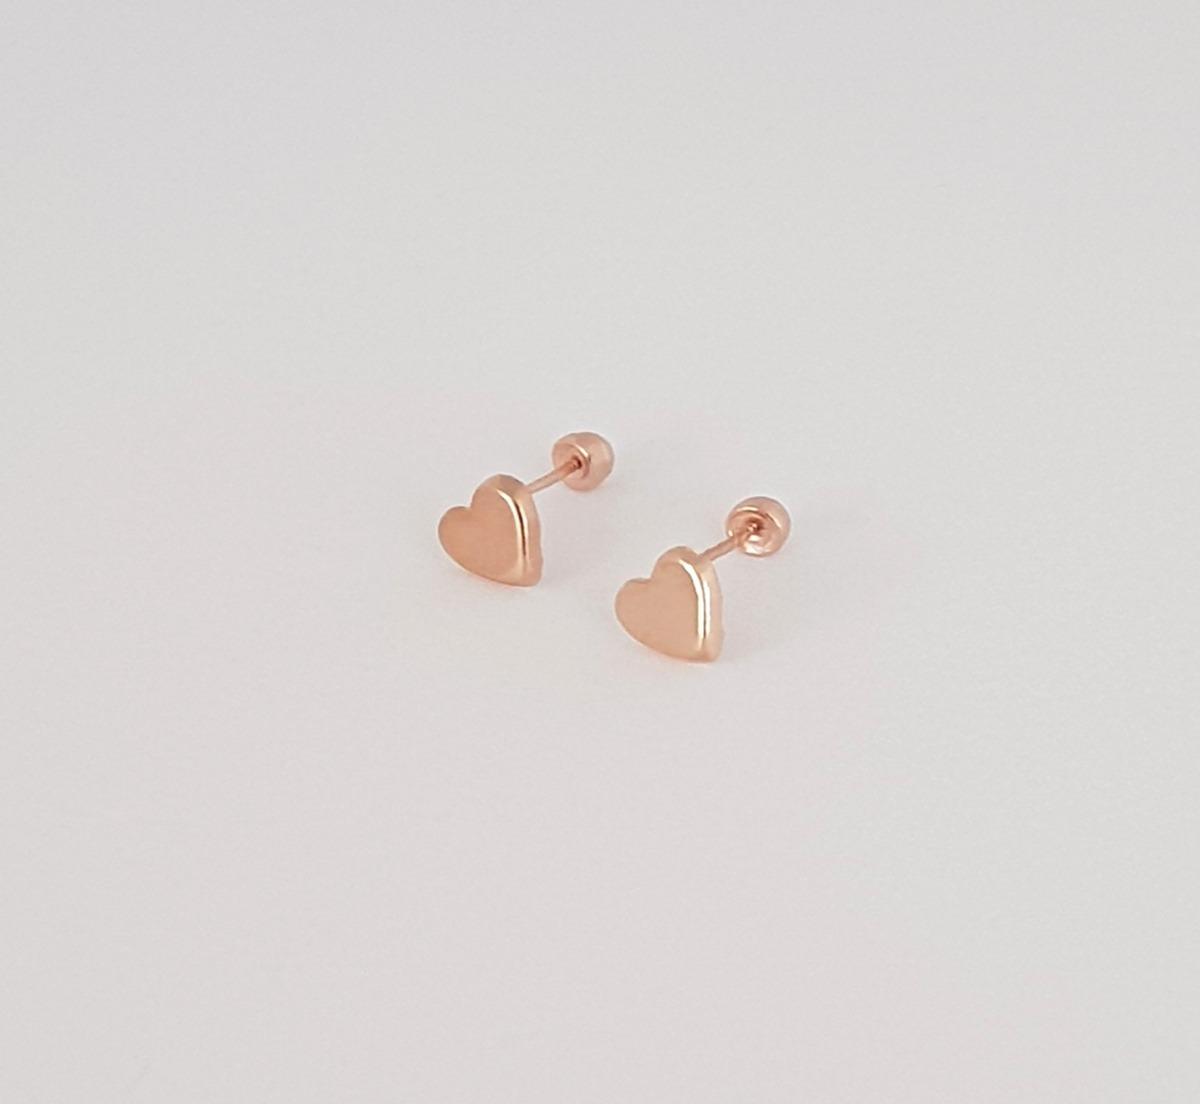 bad6c1dda523 hermosos aretes broquel bebe niña de corazón oro rosa de 10k. Cargando zoom.